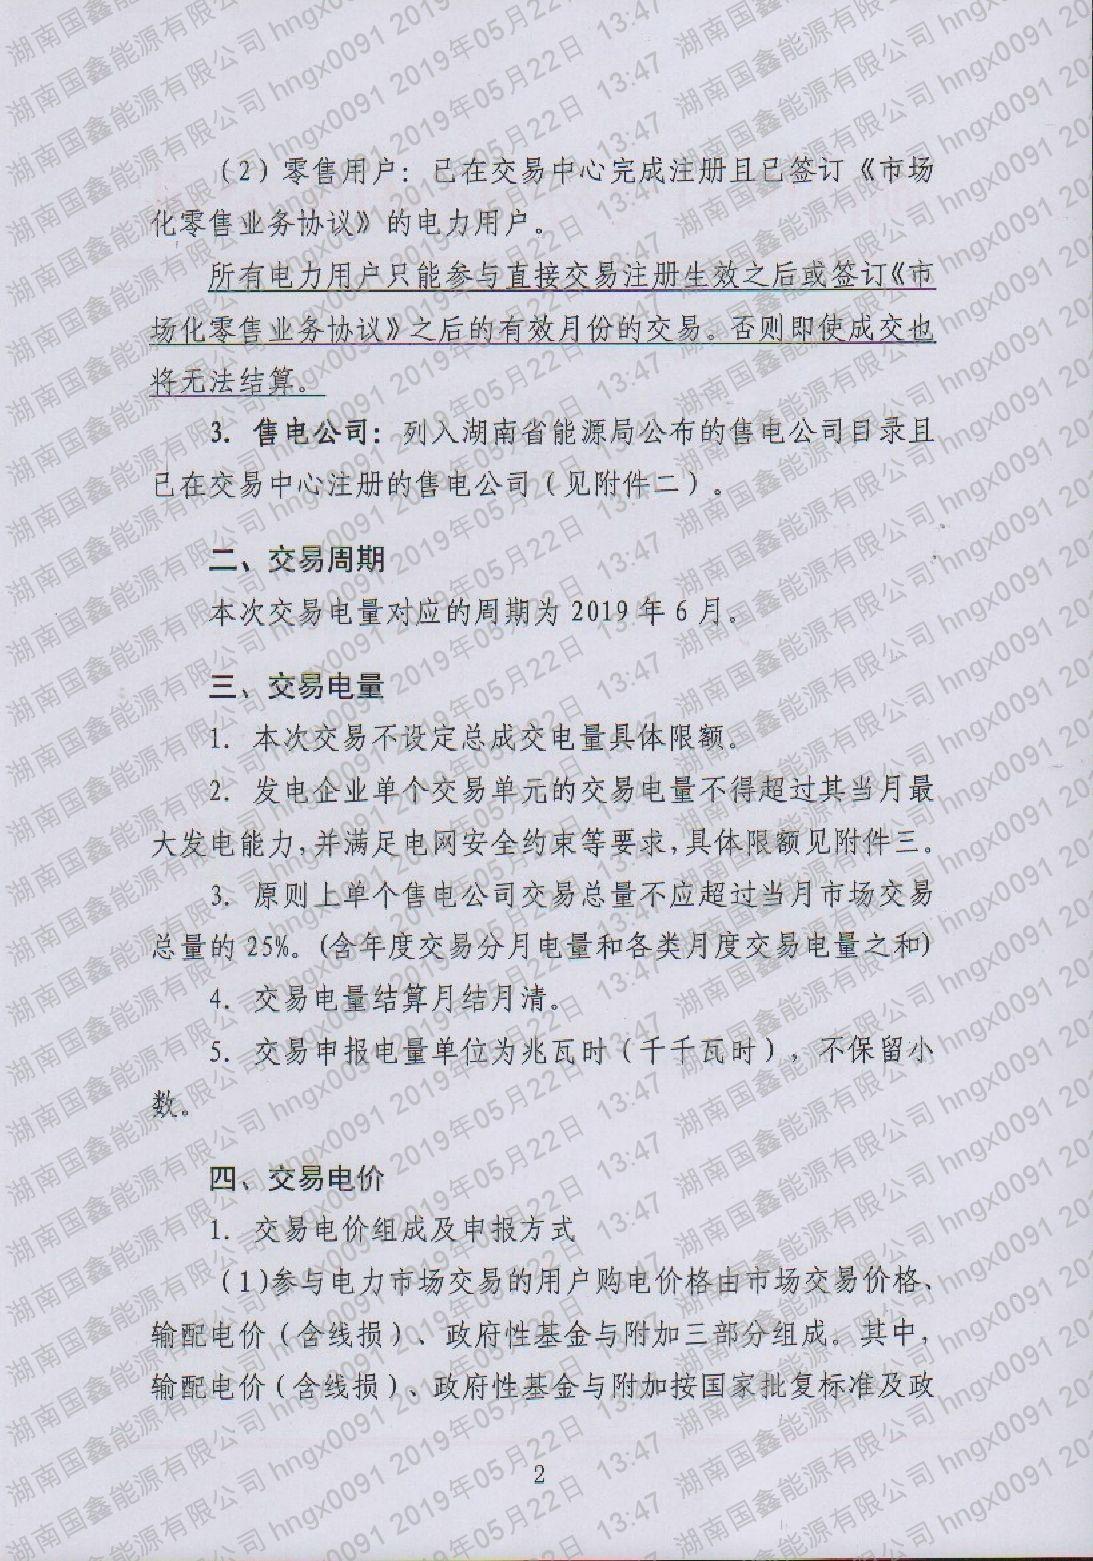 2019年第8號交易公告(6月清潔能源市場交易)(1).pdf_page_2_compressed.jpg